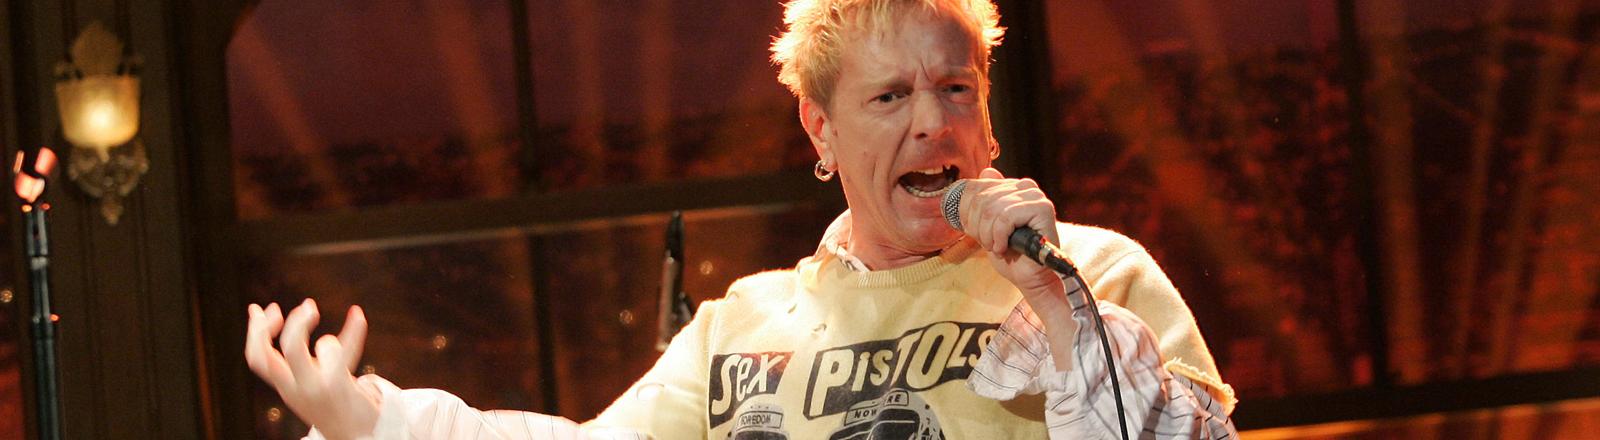 Der Sänger Johnny Rotten von den Sex Pistols auf der Bühne